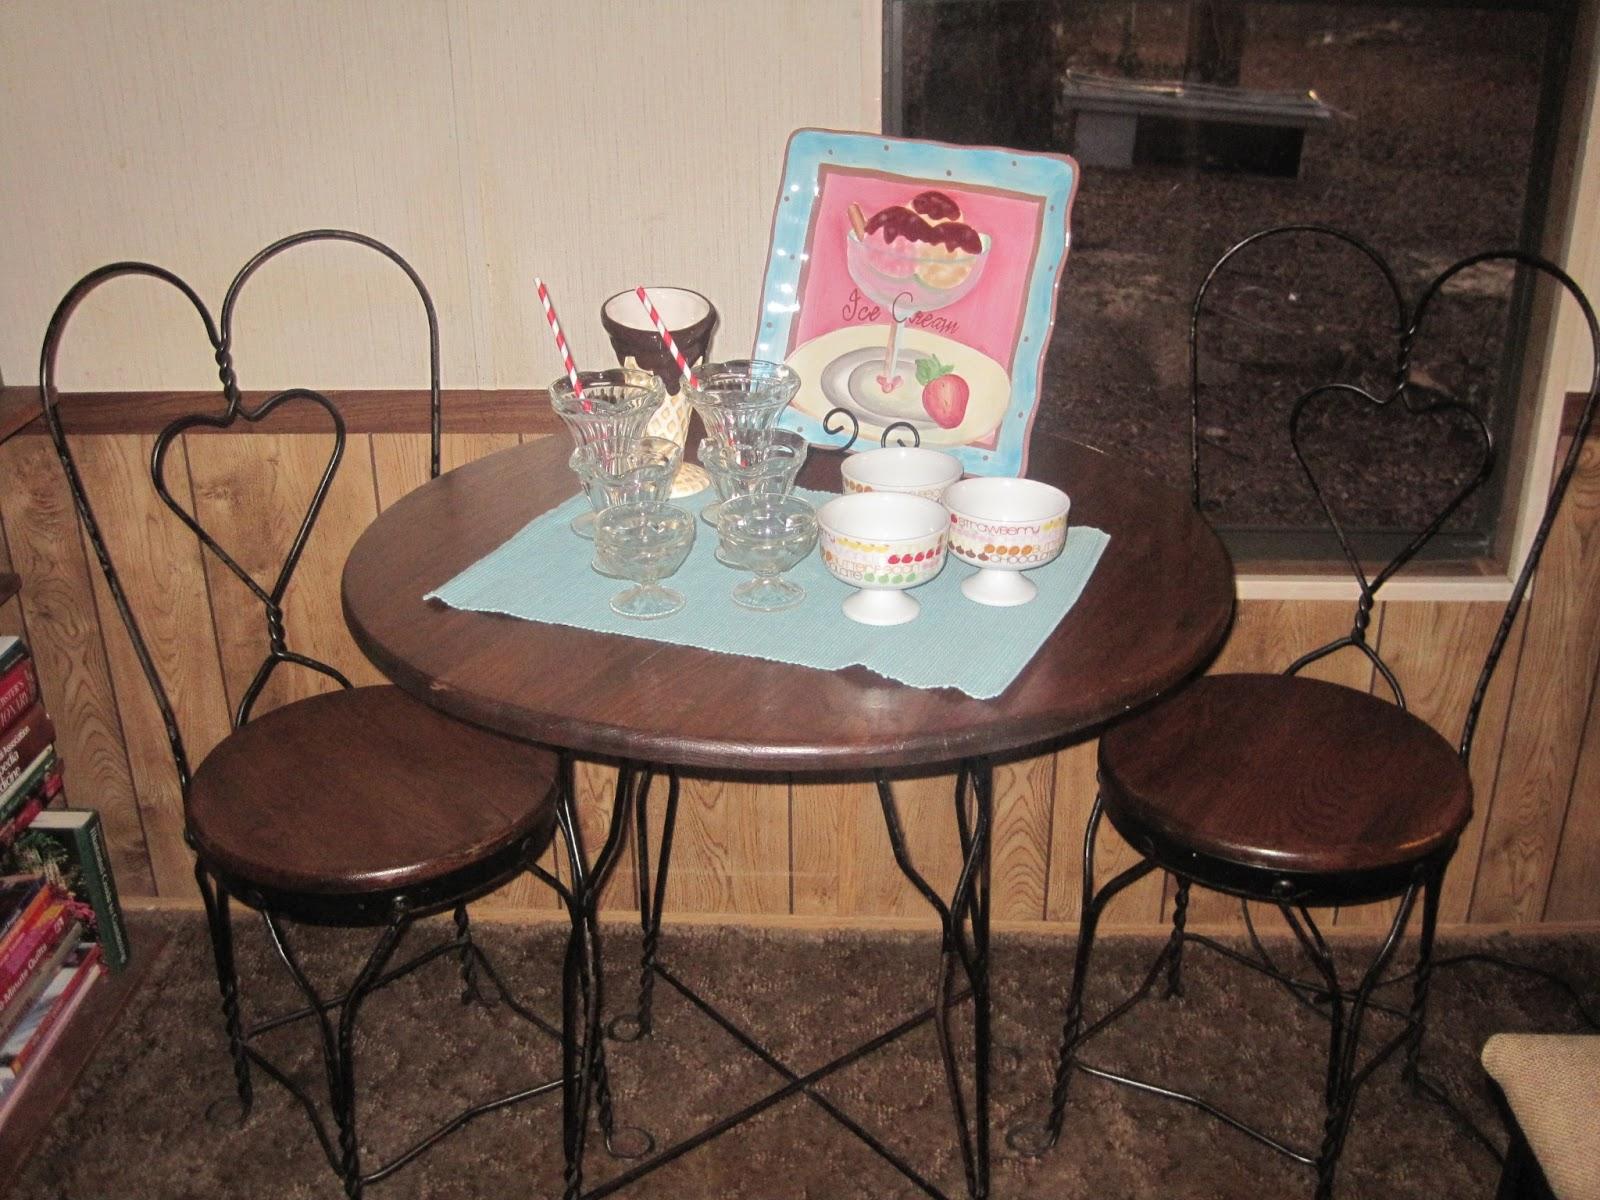 Ice Cream Table U0026 Chairs